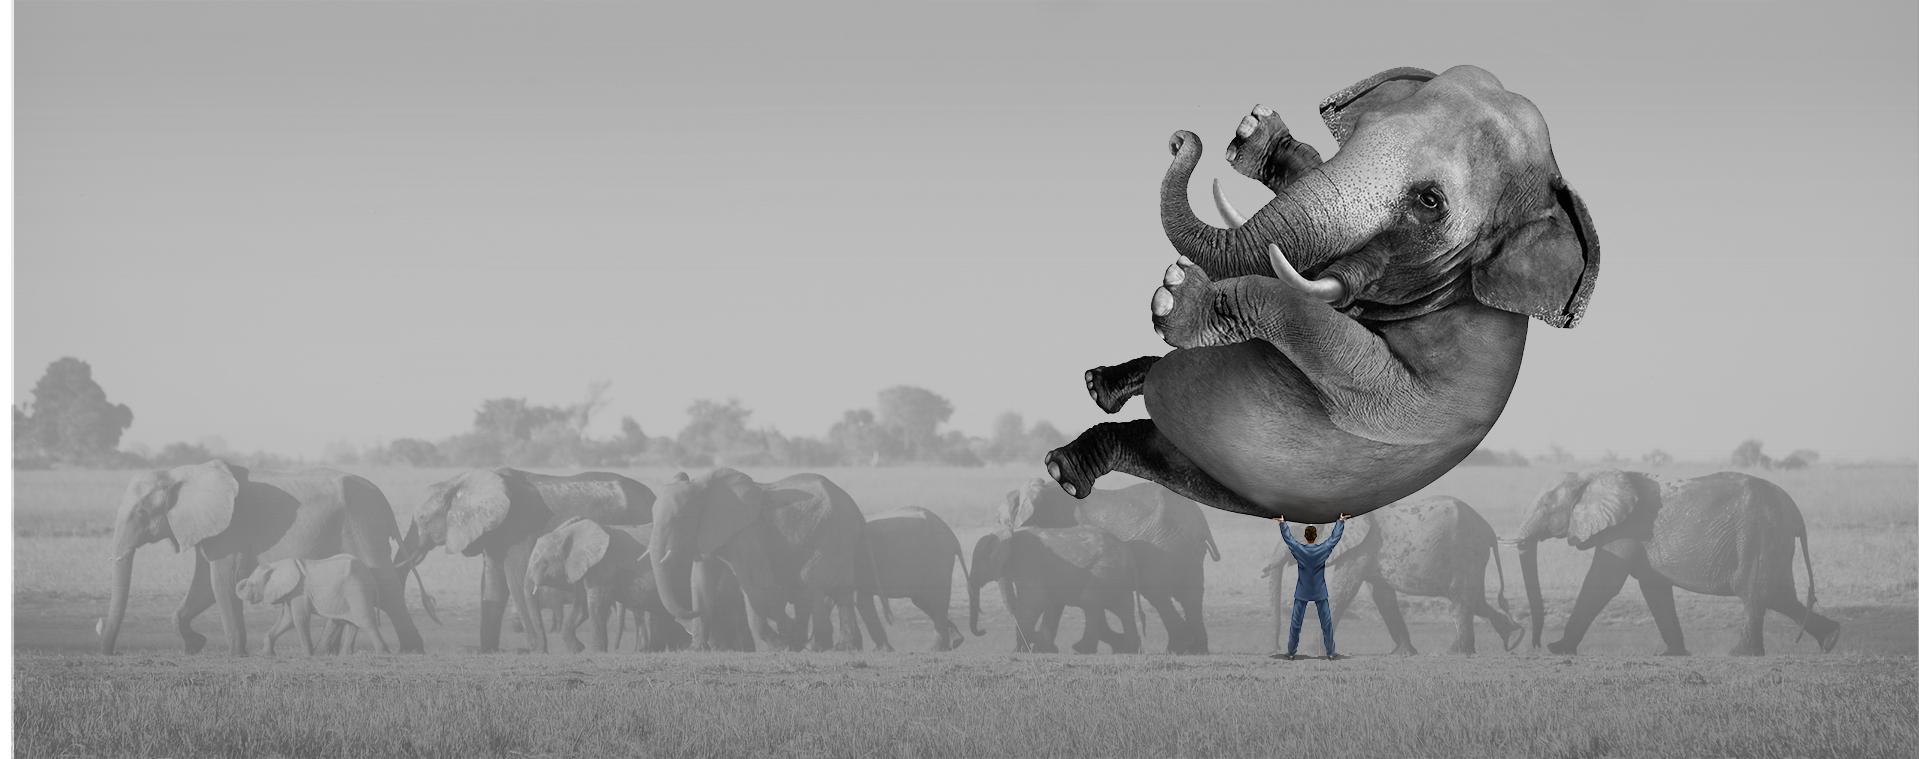 elephantnew